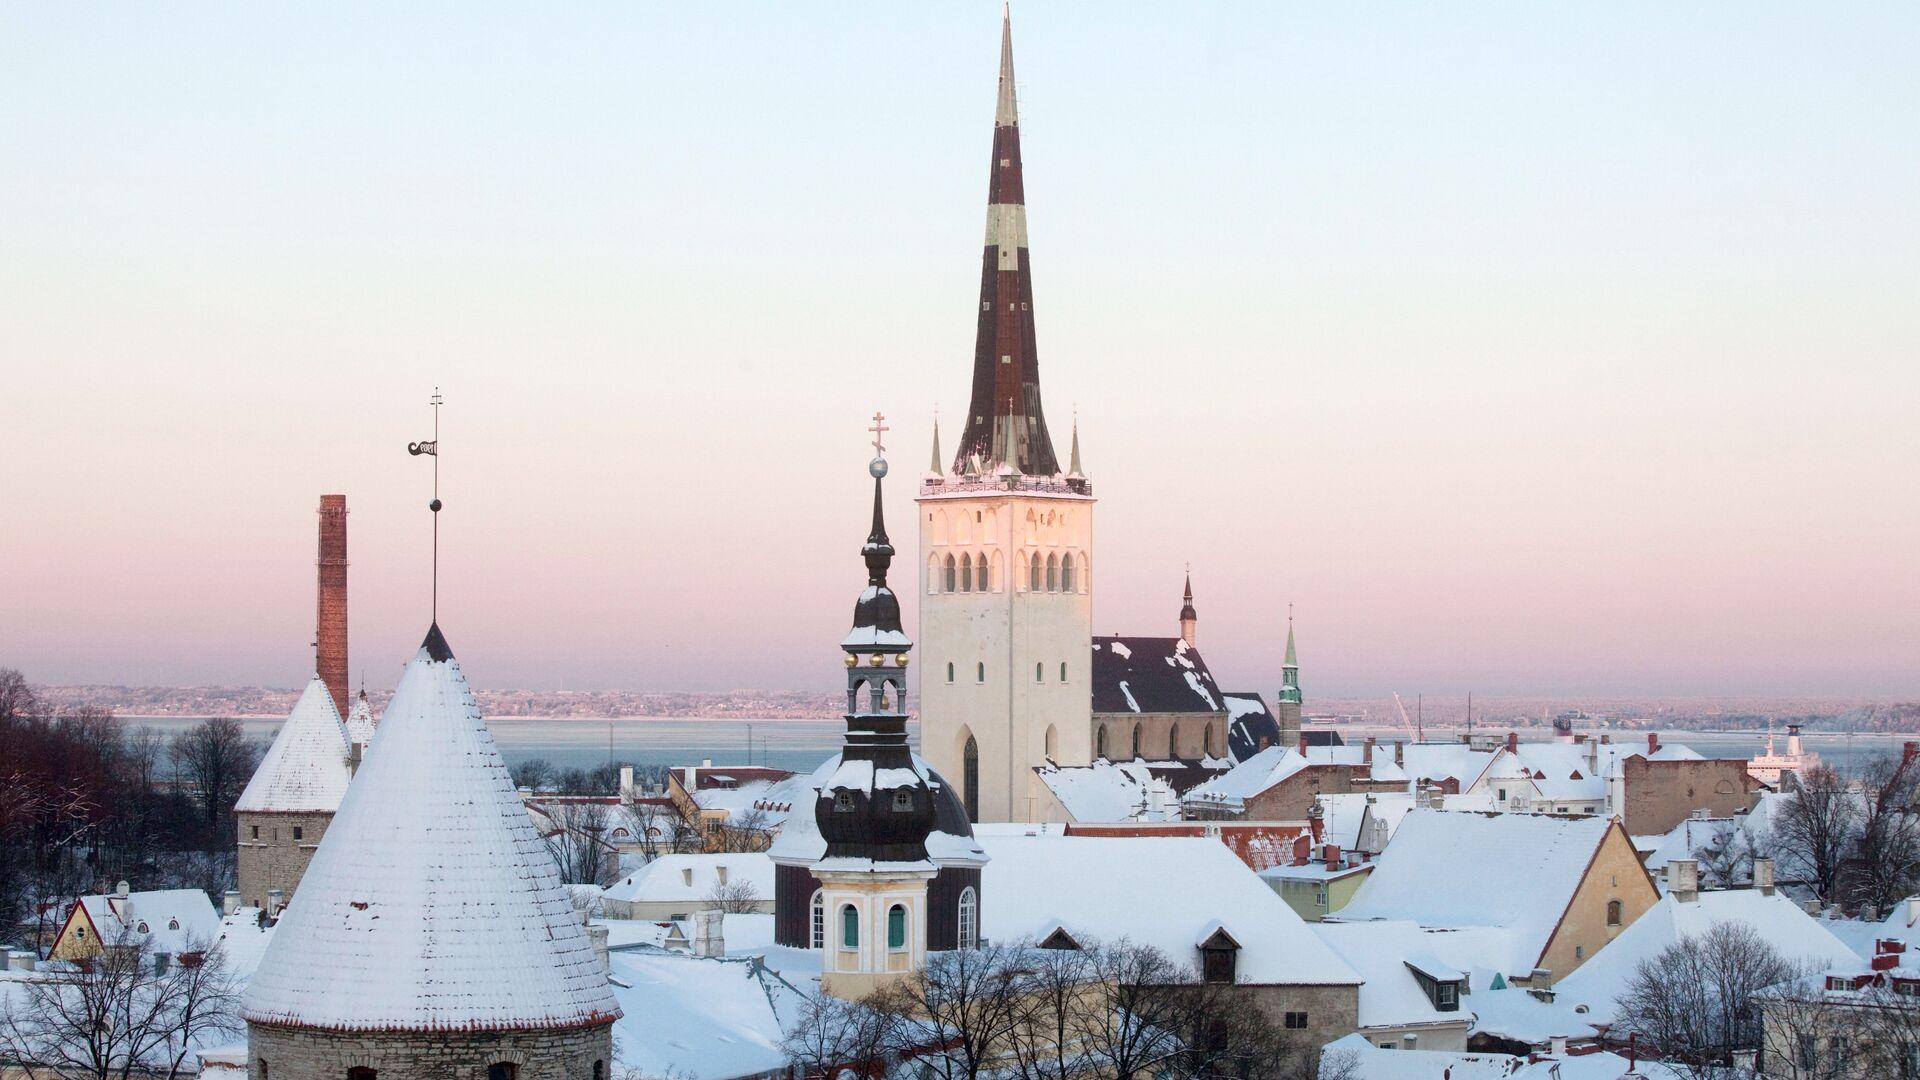 Вид на исторический центр Таллина - РИА Новости, 1920, 11.03.2021